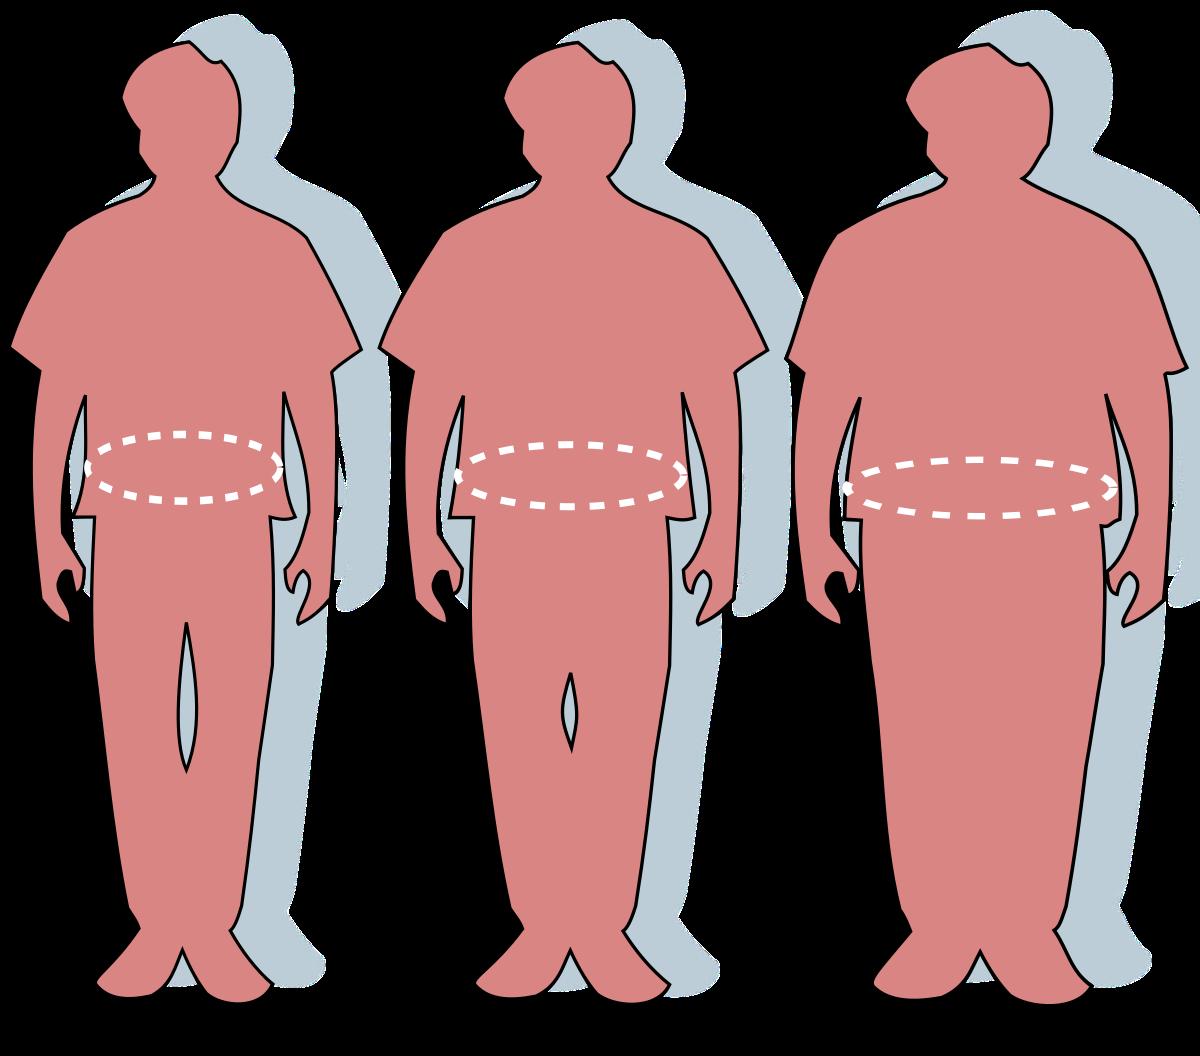 táplálék magas vérnyomás és elhízás esetén hipertónia elemzése